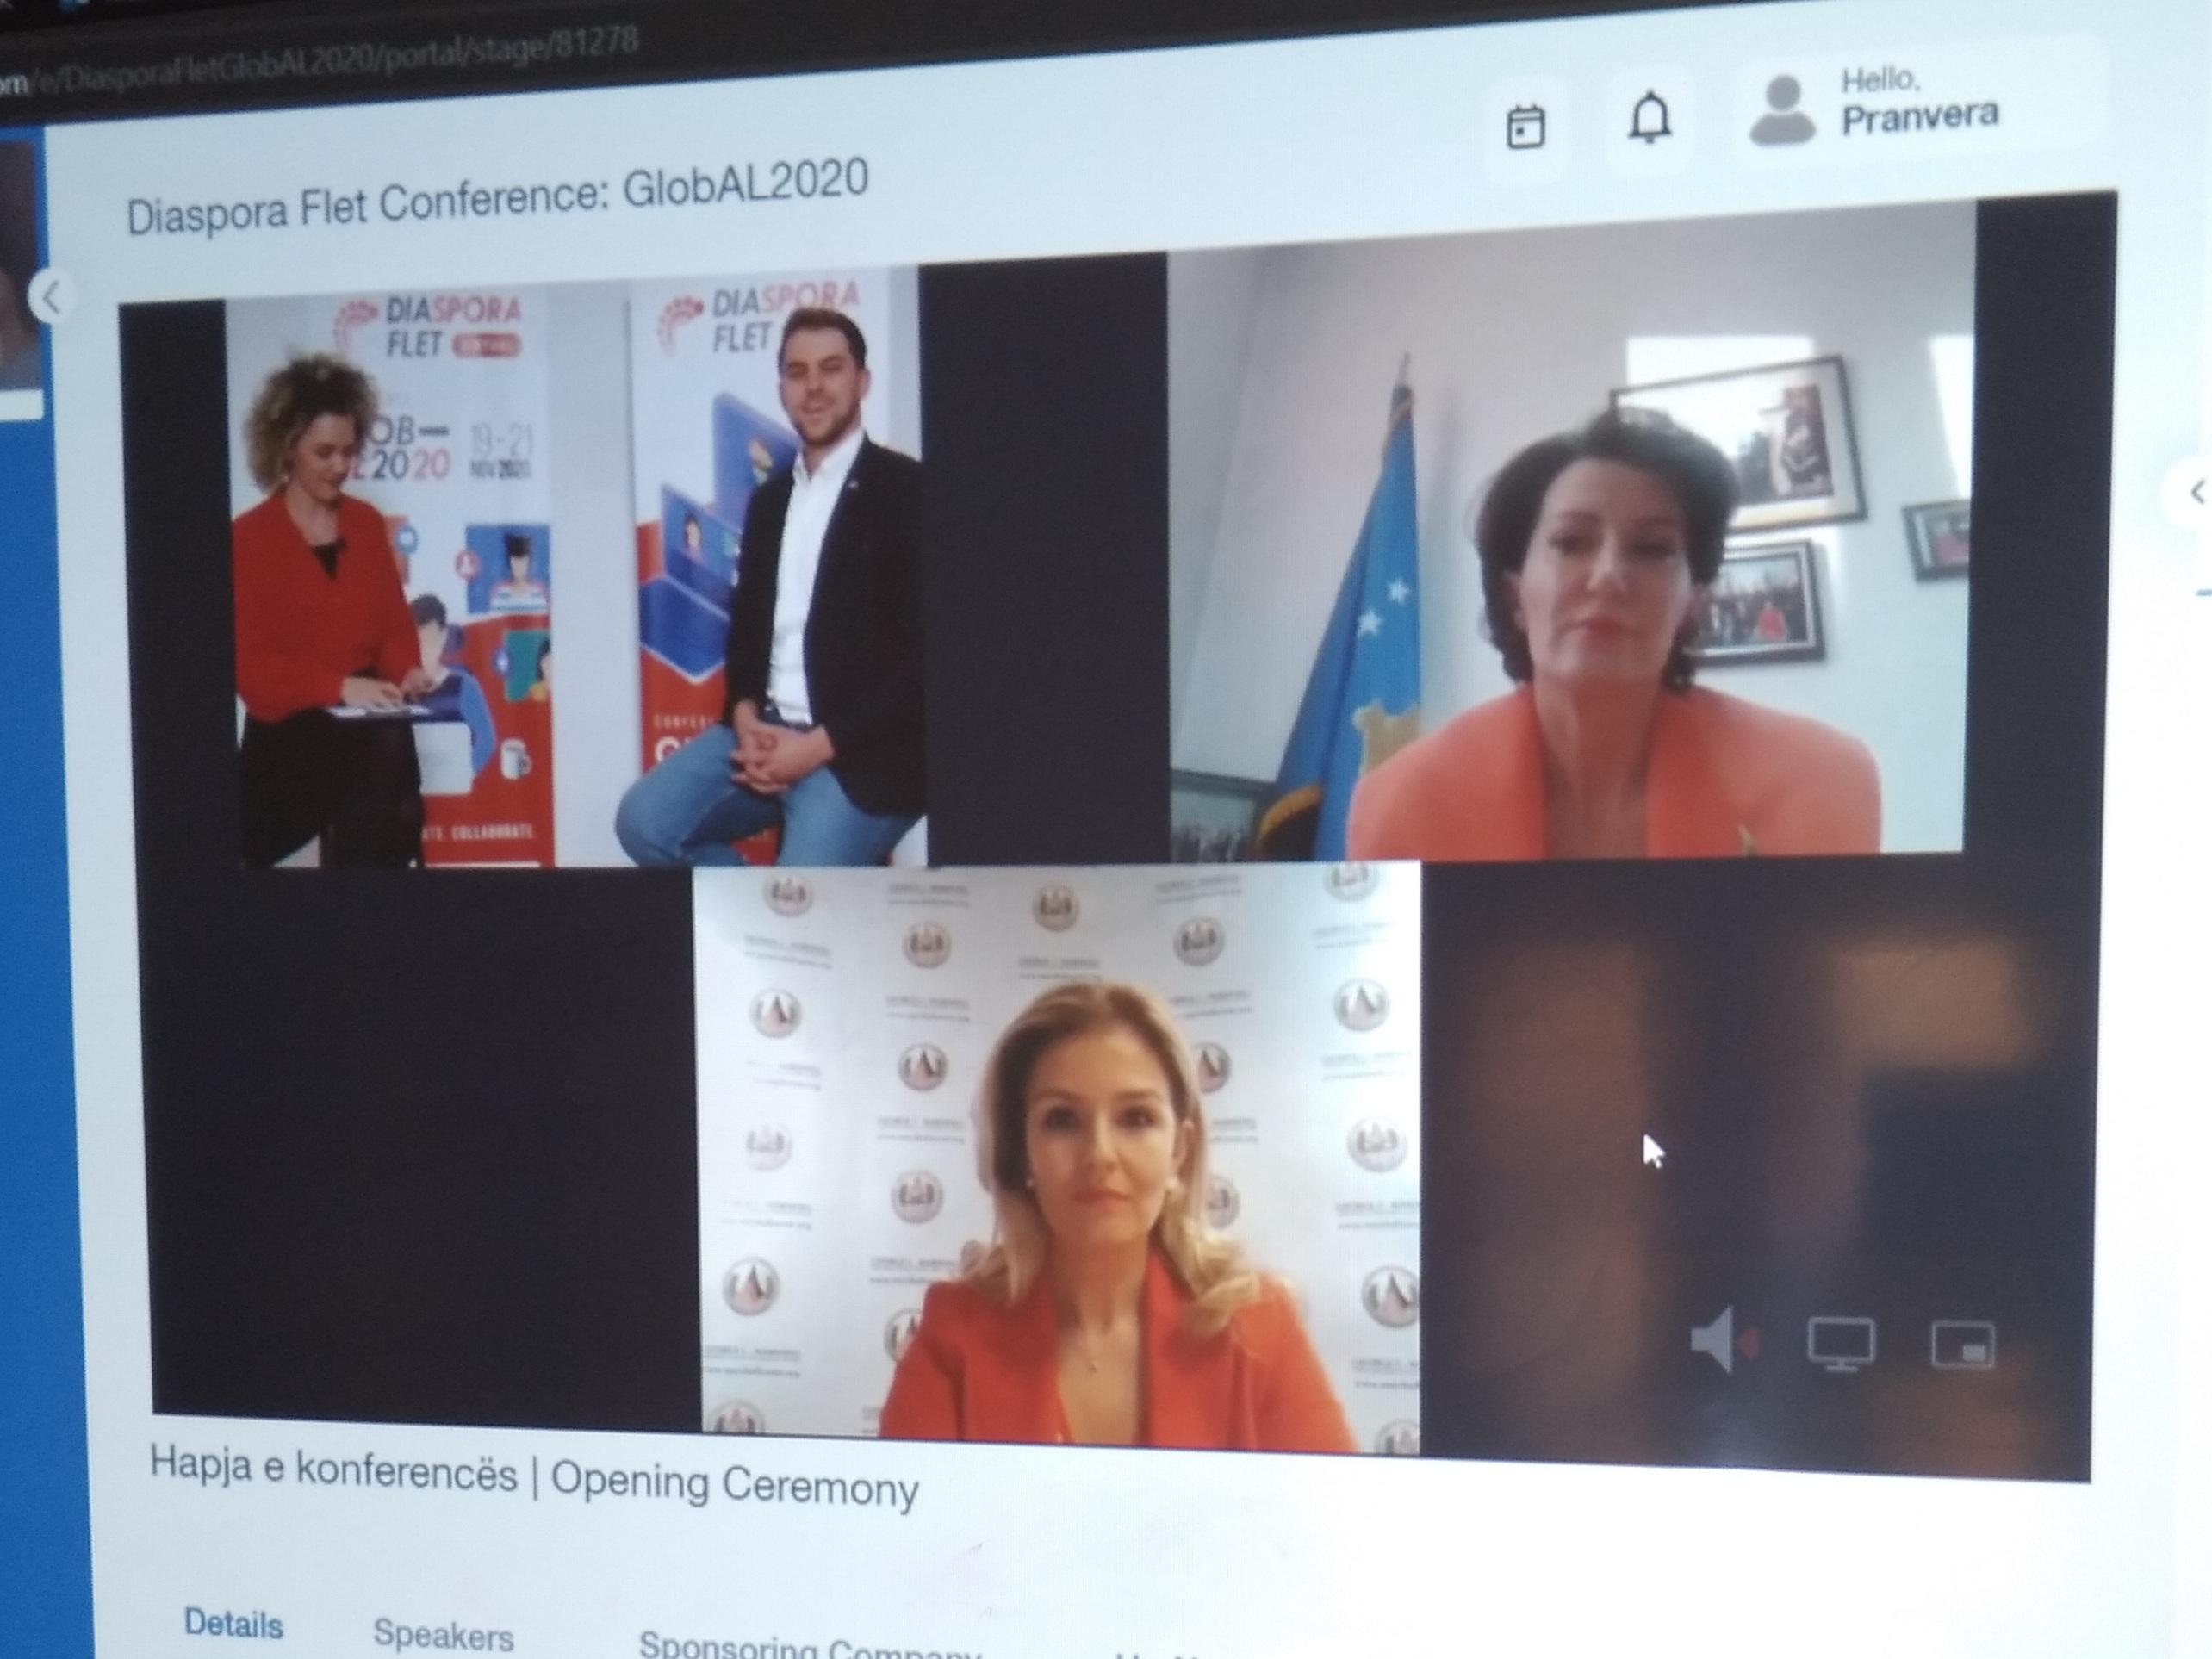 """Sot u mbajt konferenca e parë """"Diaspora flet 2020"""" e organizuar nga Gremin"""